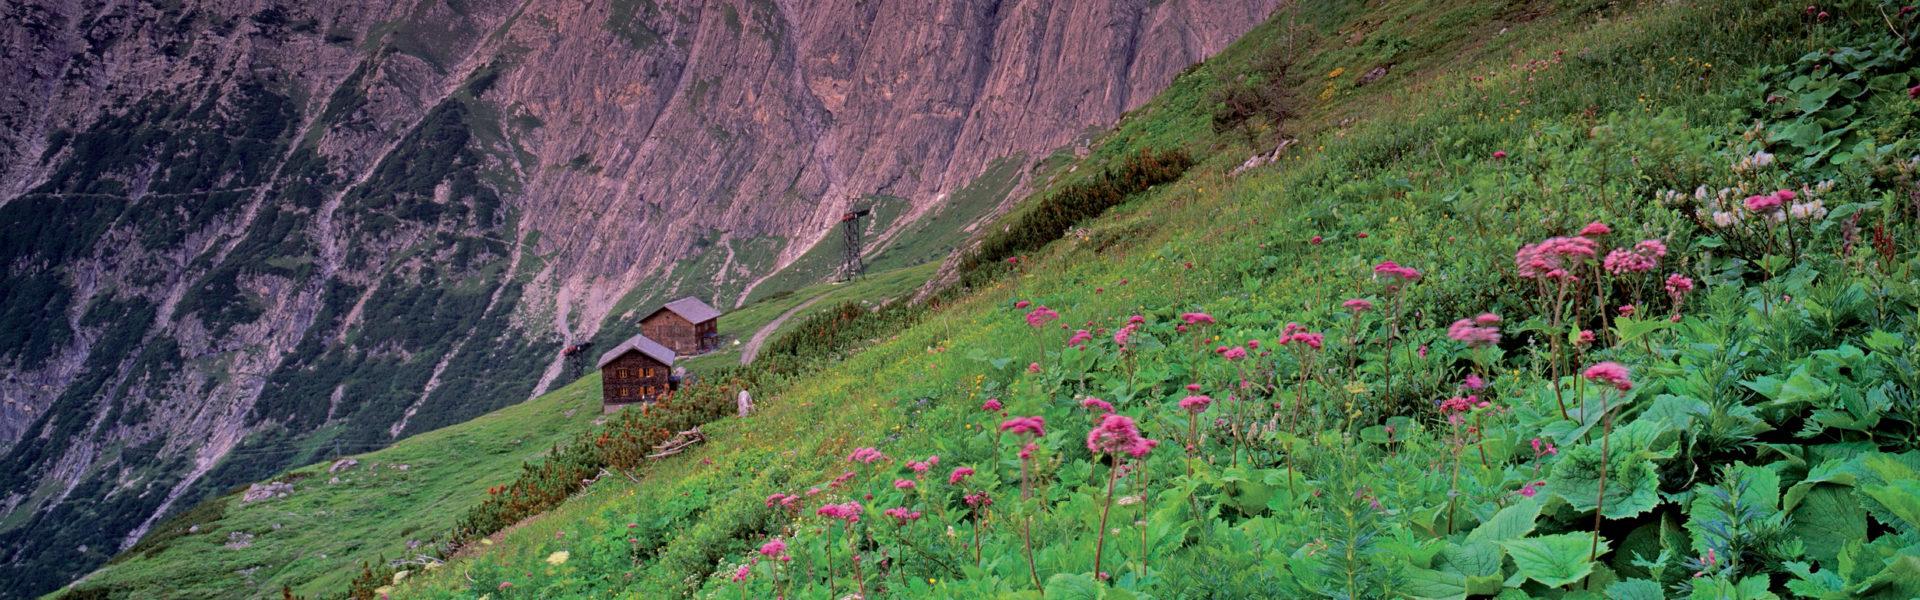 Genussvolle Lebenskunst, die Essenz der Marke Vorarlberg; Foto: Brandnertal © Popp Hackner / Vorarlberg Tourismus